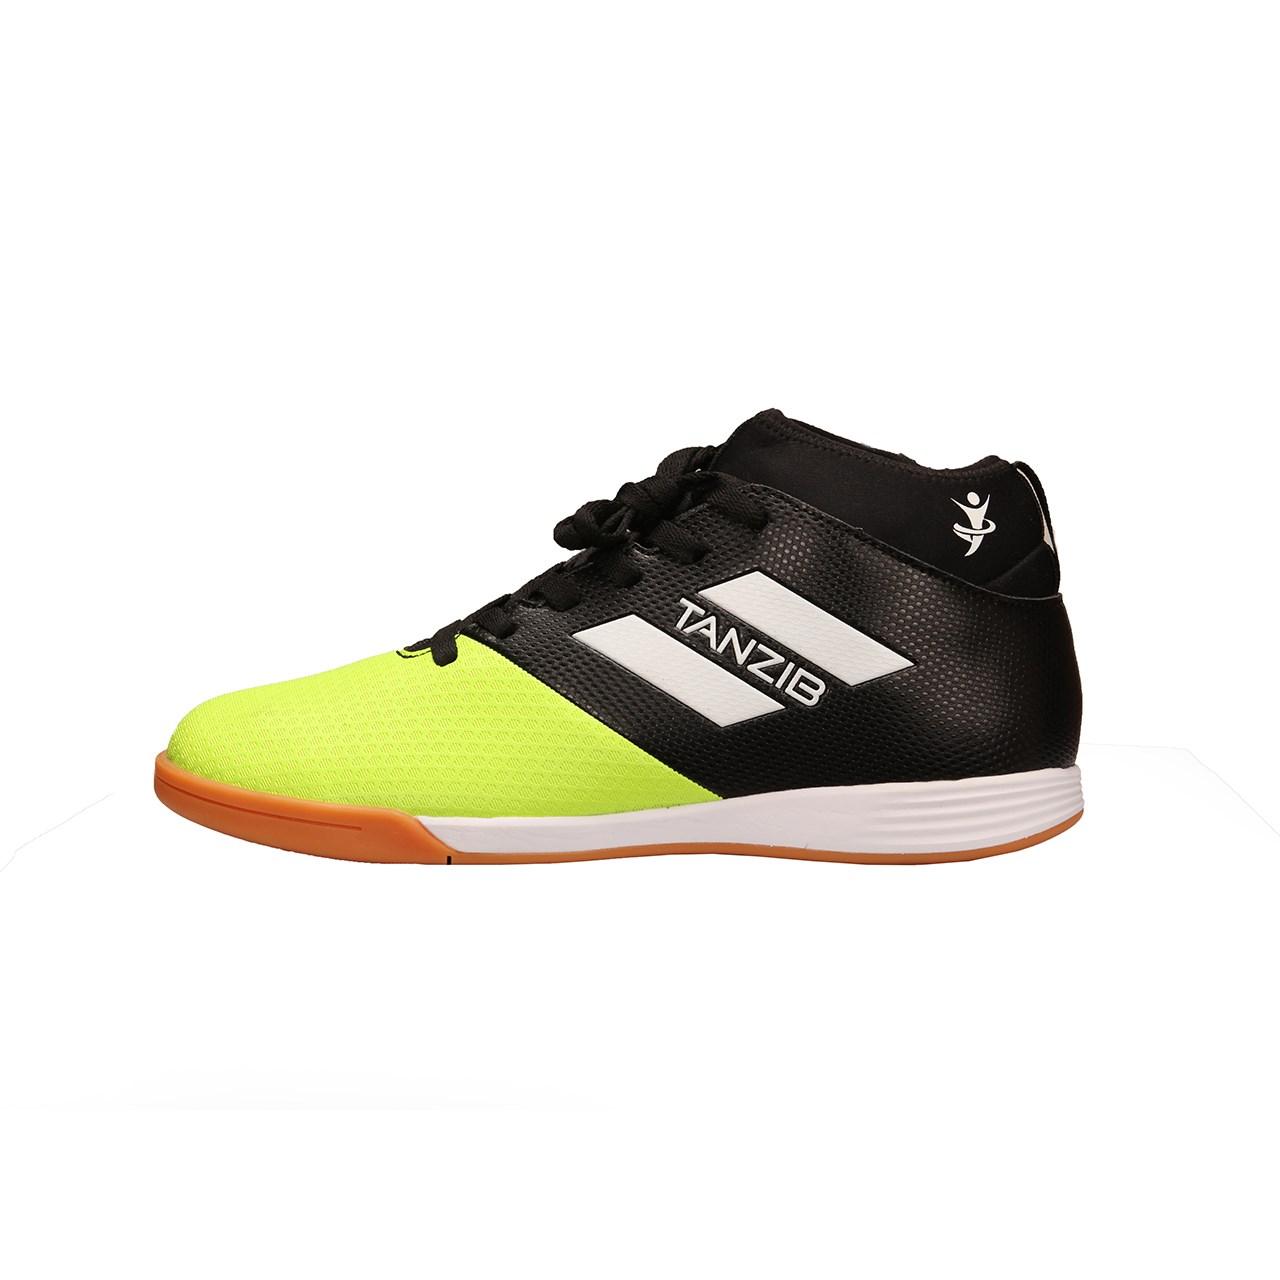 قیمت کفش فوتسال مردانه تن زیب مدل TID9604